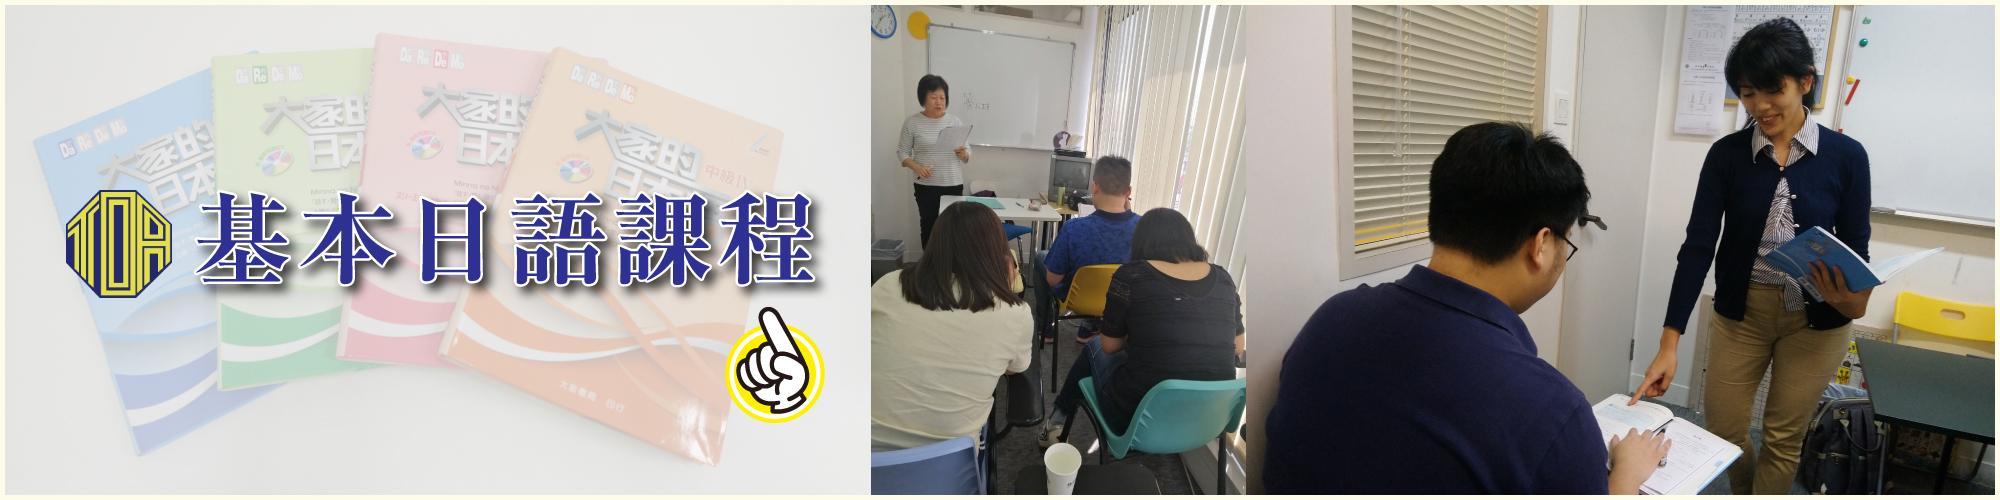 日文 日本語 日語 basic beginner japanese 基本日語課程 大家的日本語